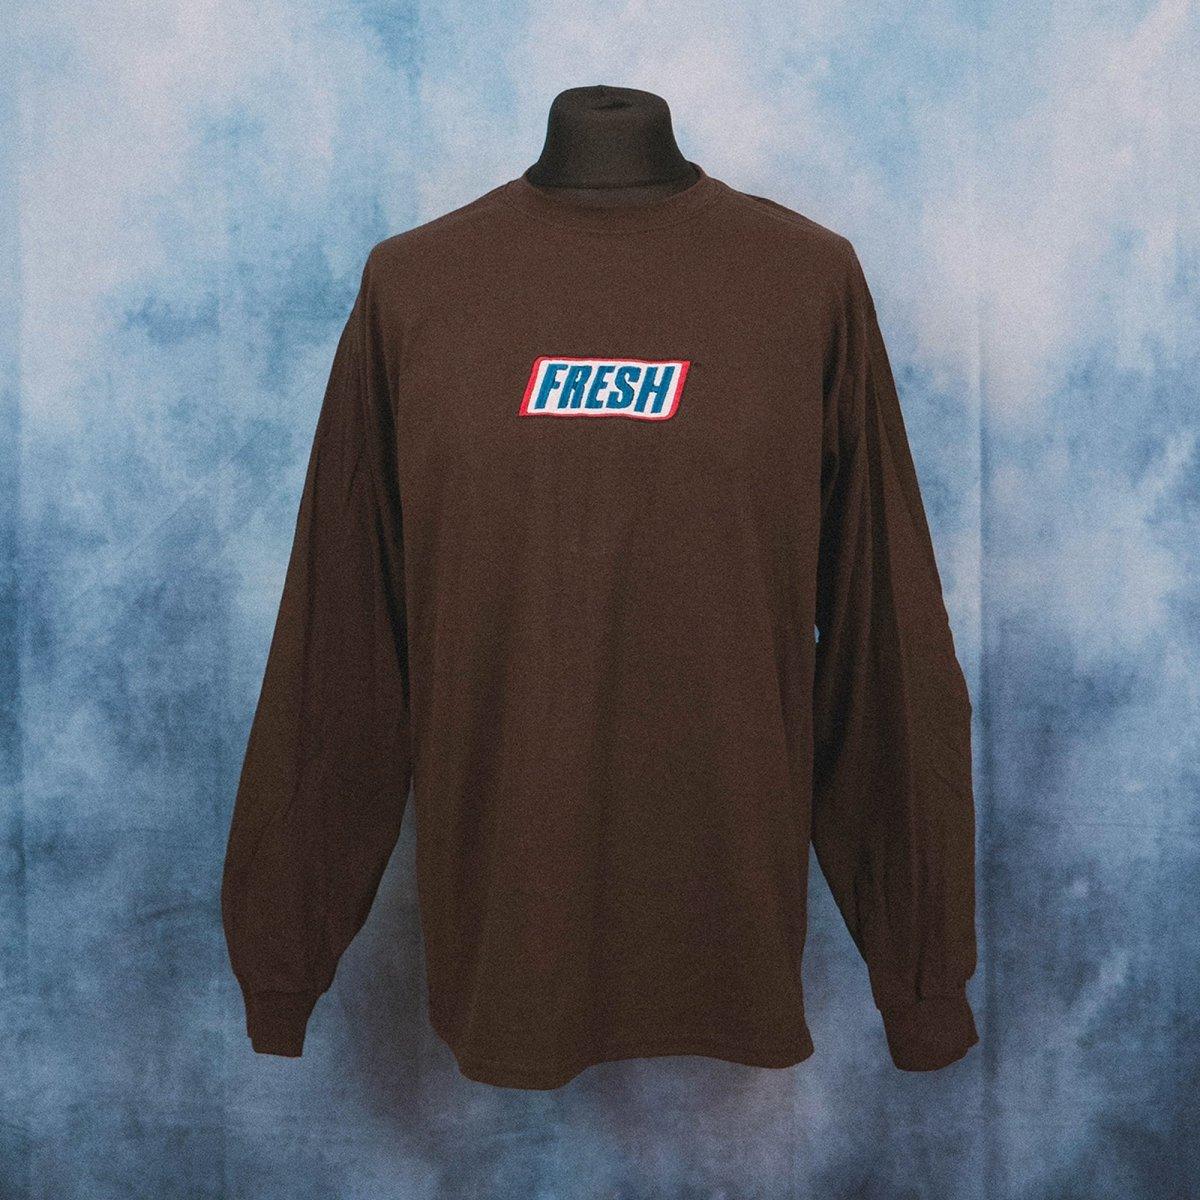 Fresh Chocolate Logo Unisex Embroidered Long Sleeve T-Shirt